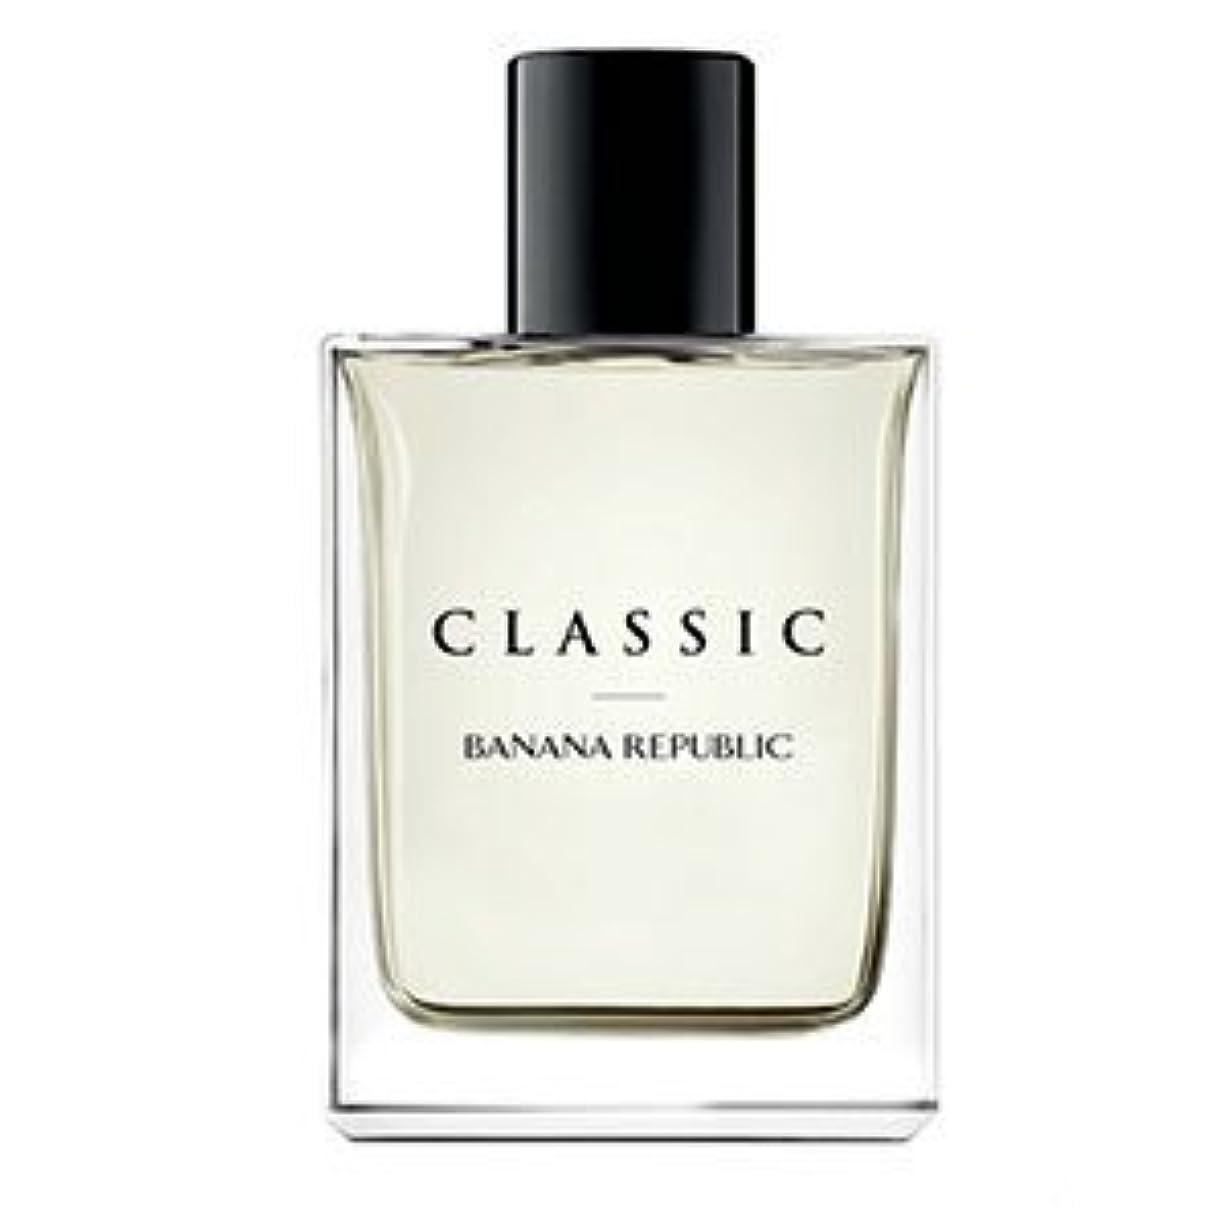 必須ノイズ繁栄するバナナリパブリック (BANANAR EP UBLIC) 香水 クラッシック EDT SP 125ml 【並行輸入品】